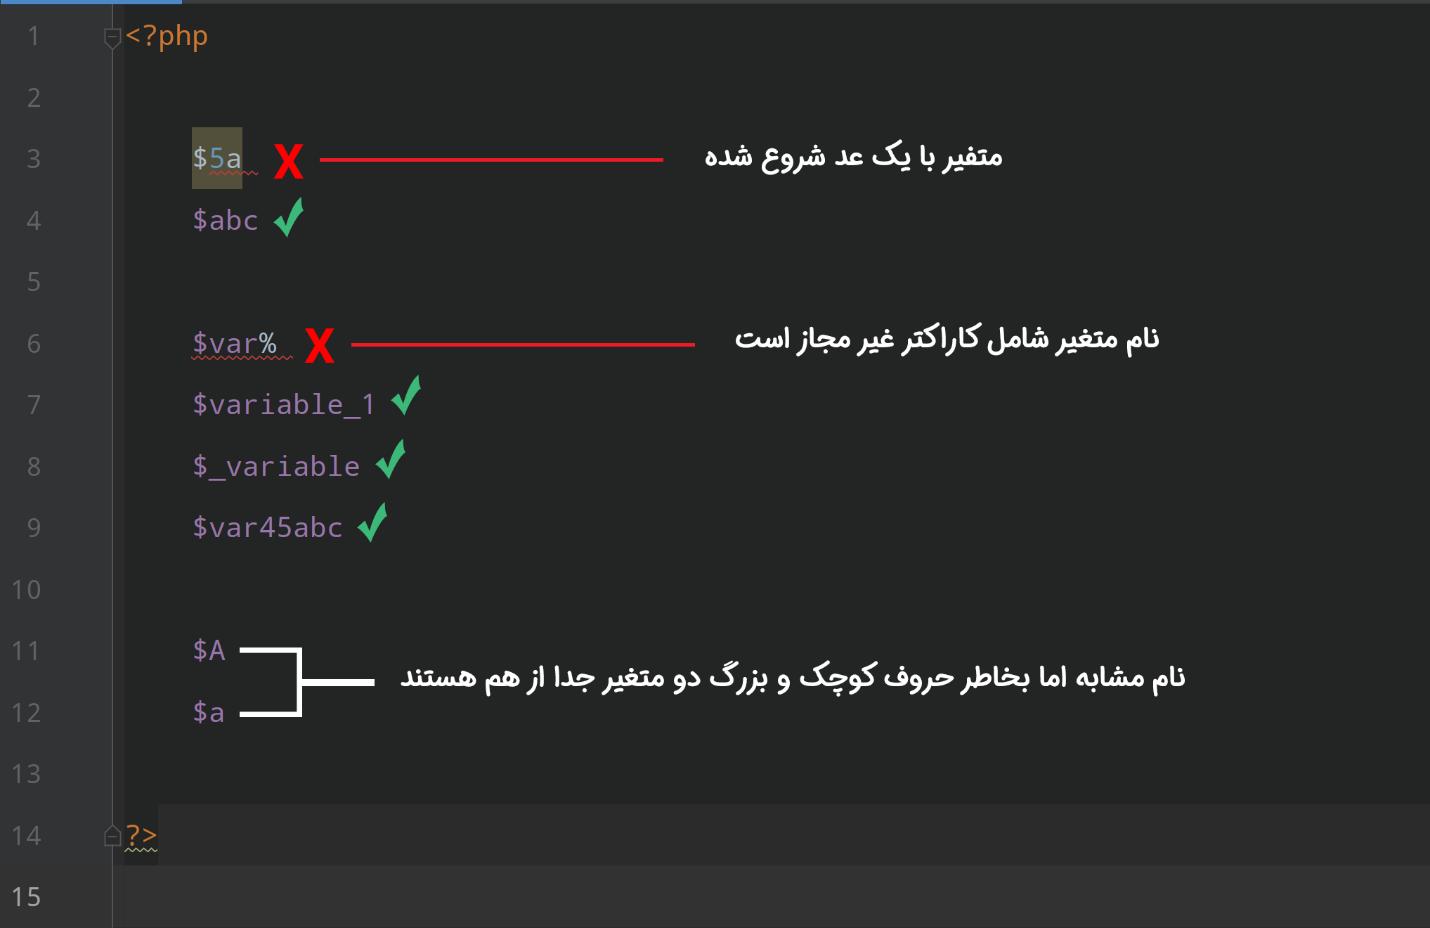 متغیرها و قوانین آن در مسیر آموزش نصب php